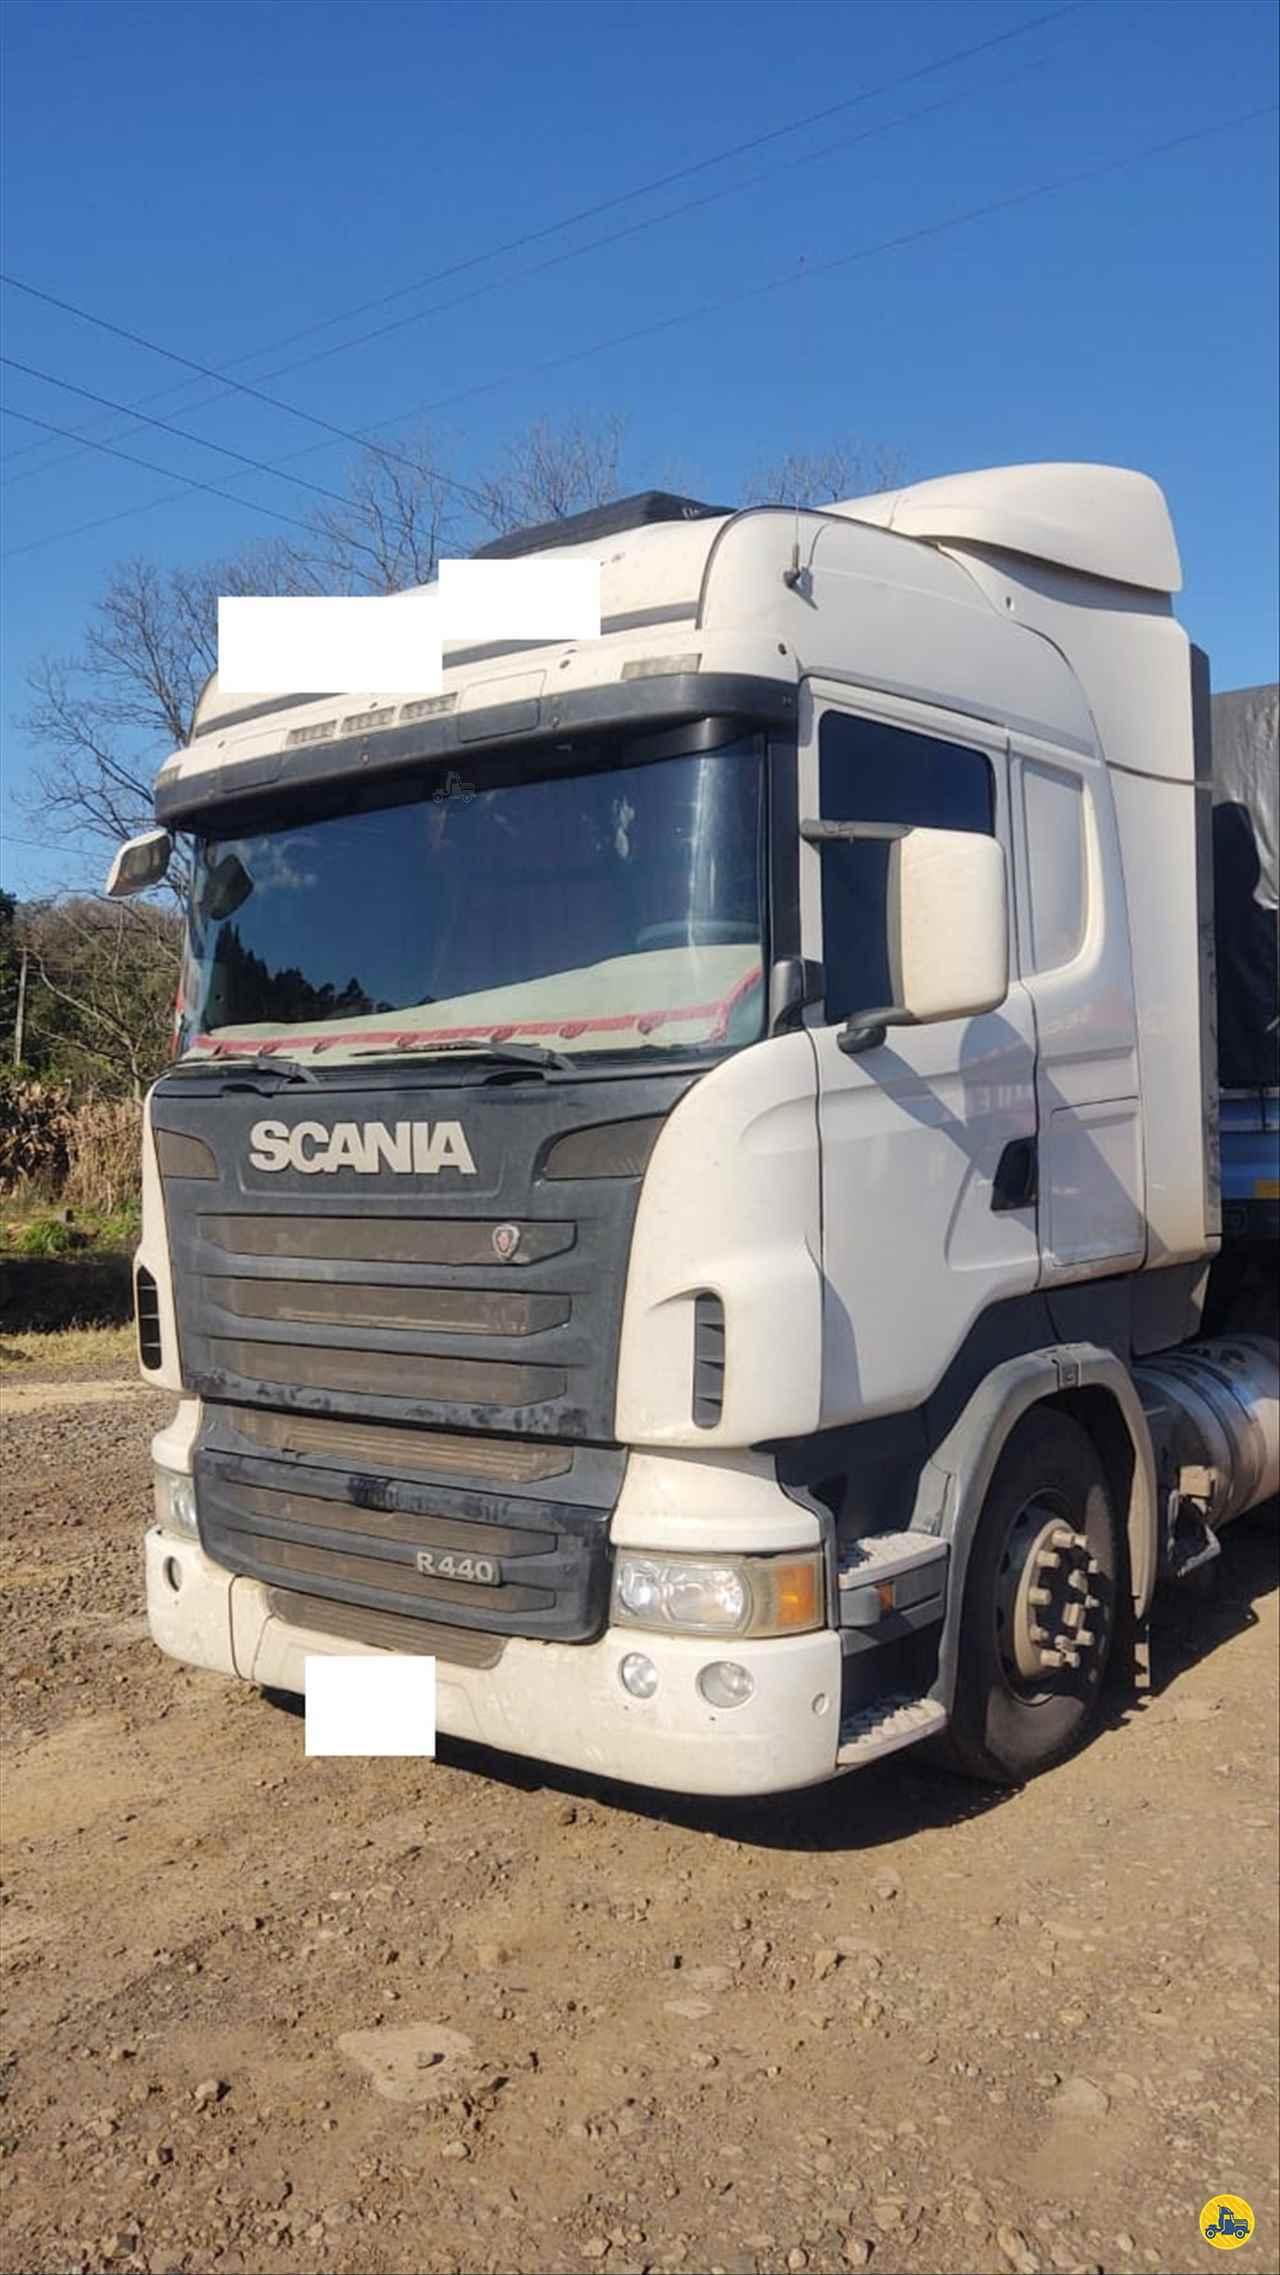 SCANIA 440 de Transmap Caminhões - SANTA ROSA/RS